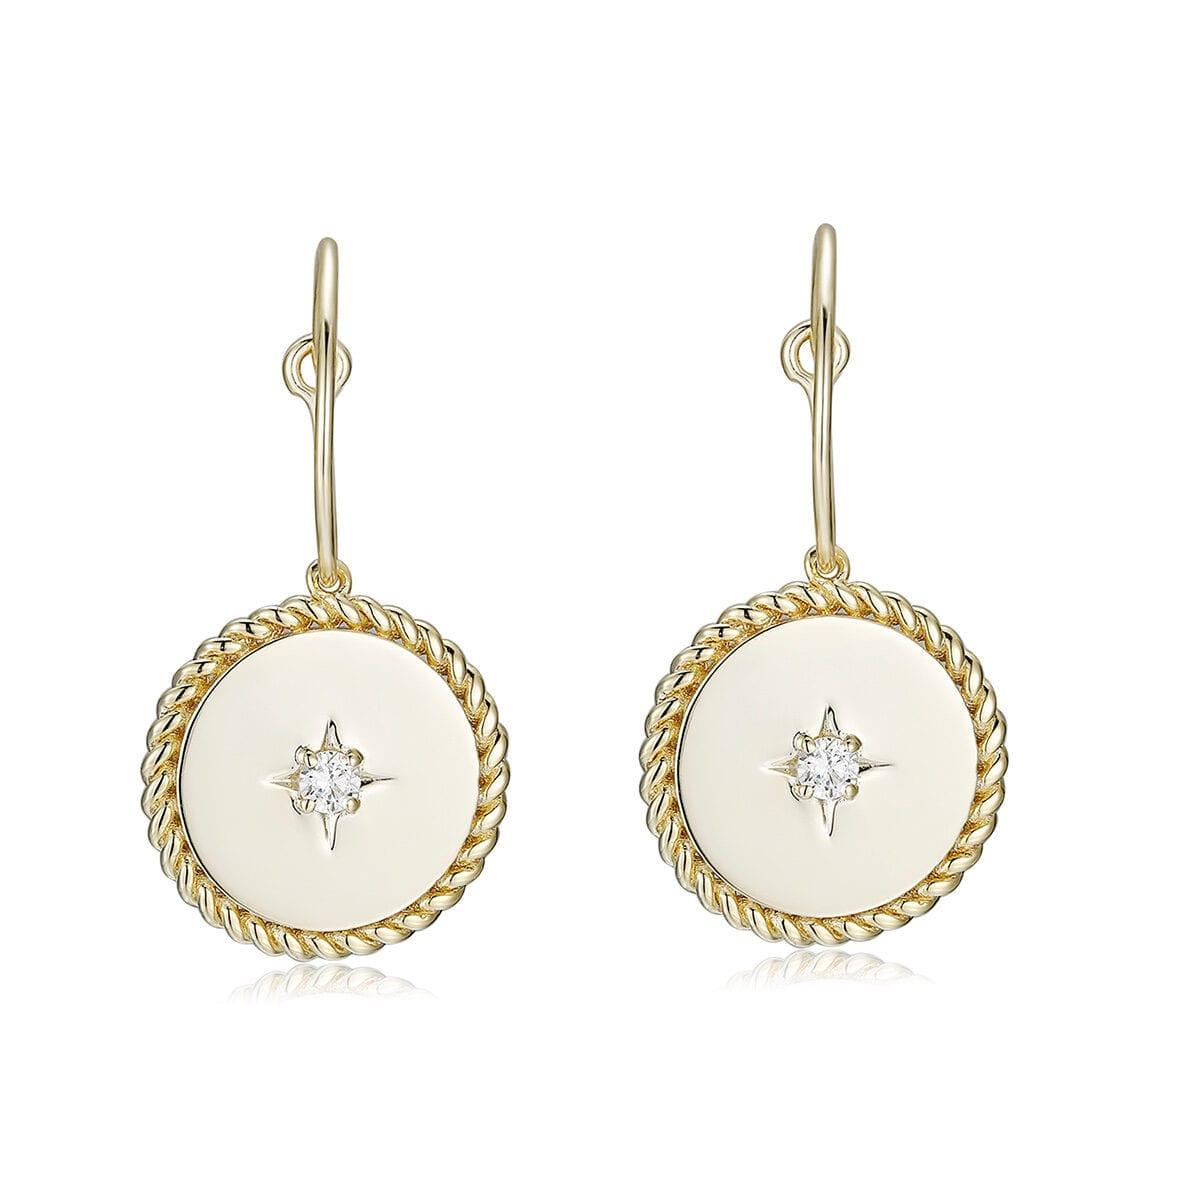 Nova-earrings-LA115g